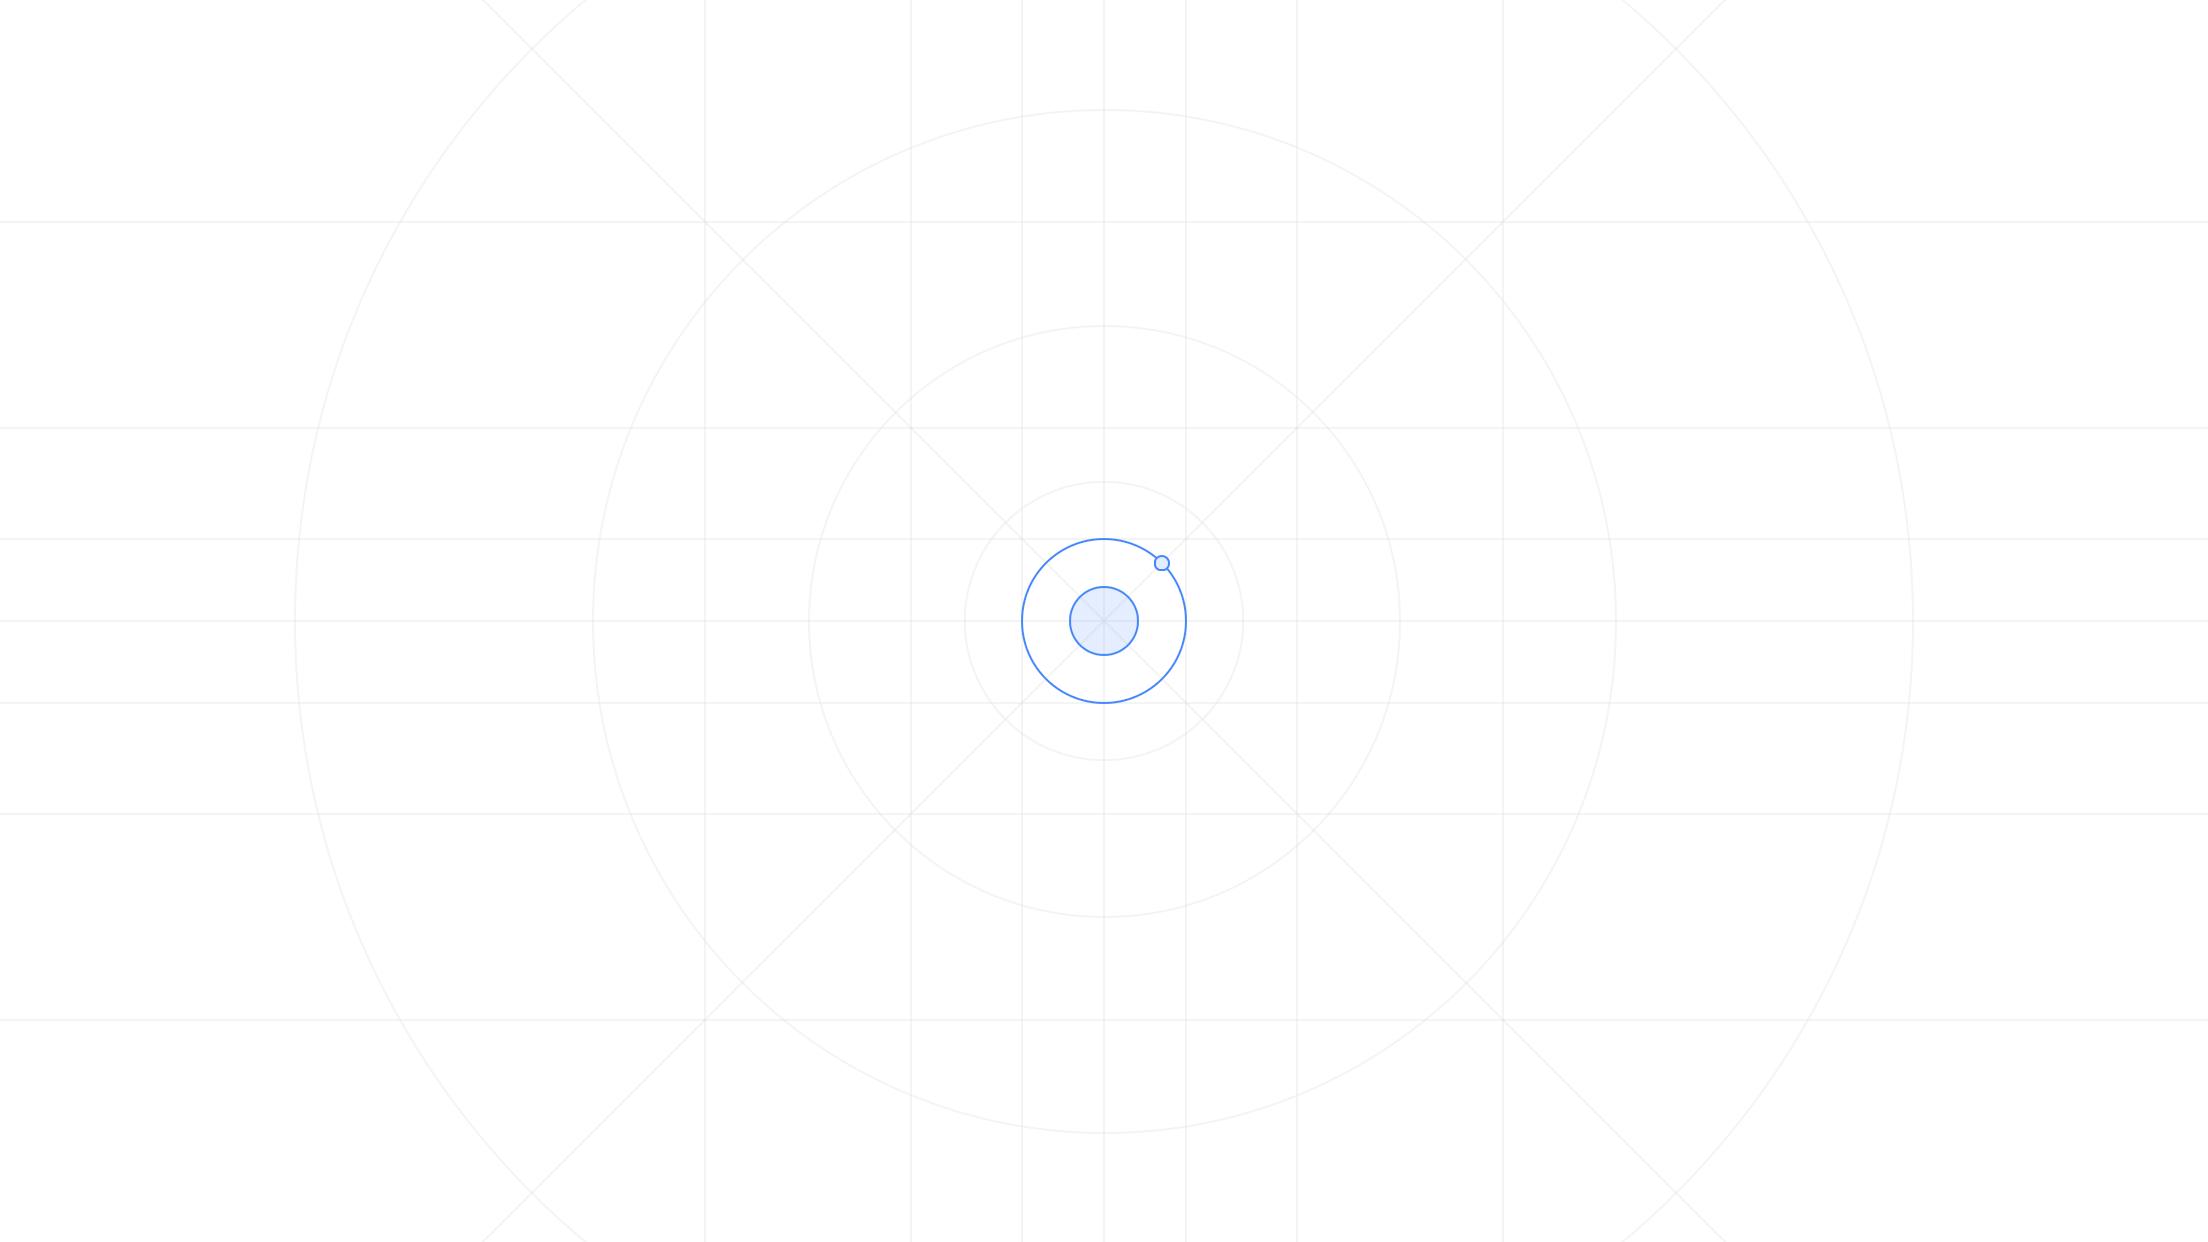 resources/ios/splash/Default-Landscape-736h.png